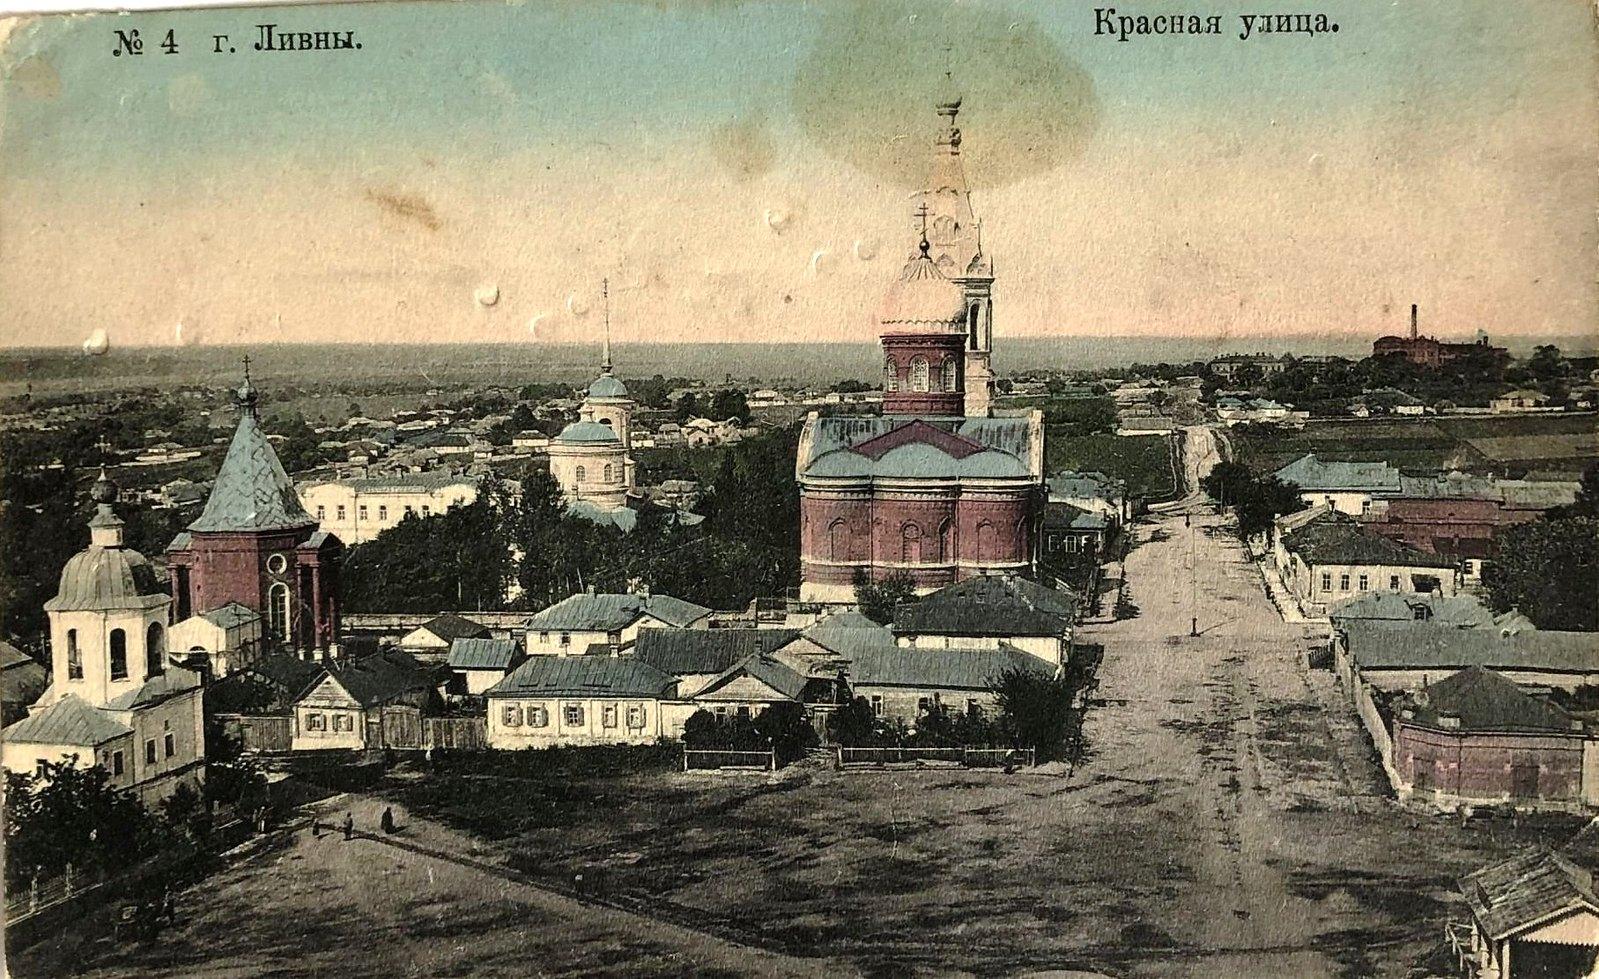 04. Красная улица